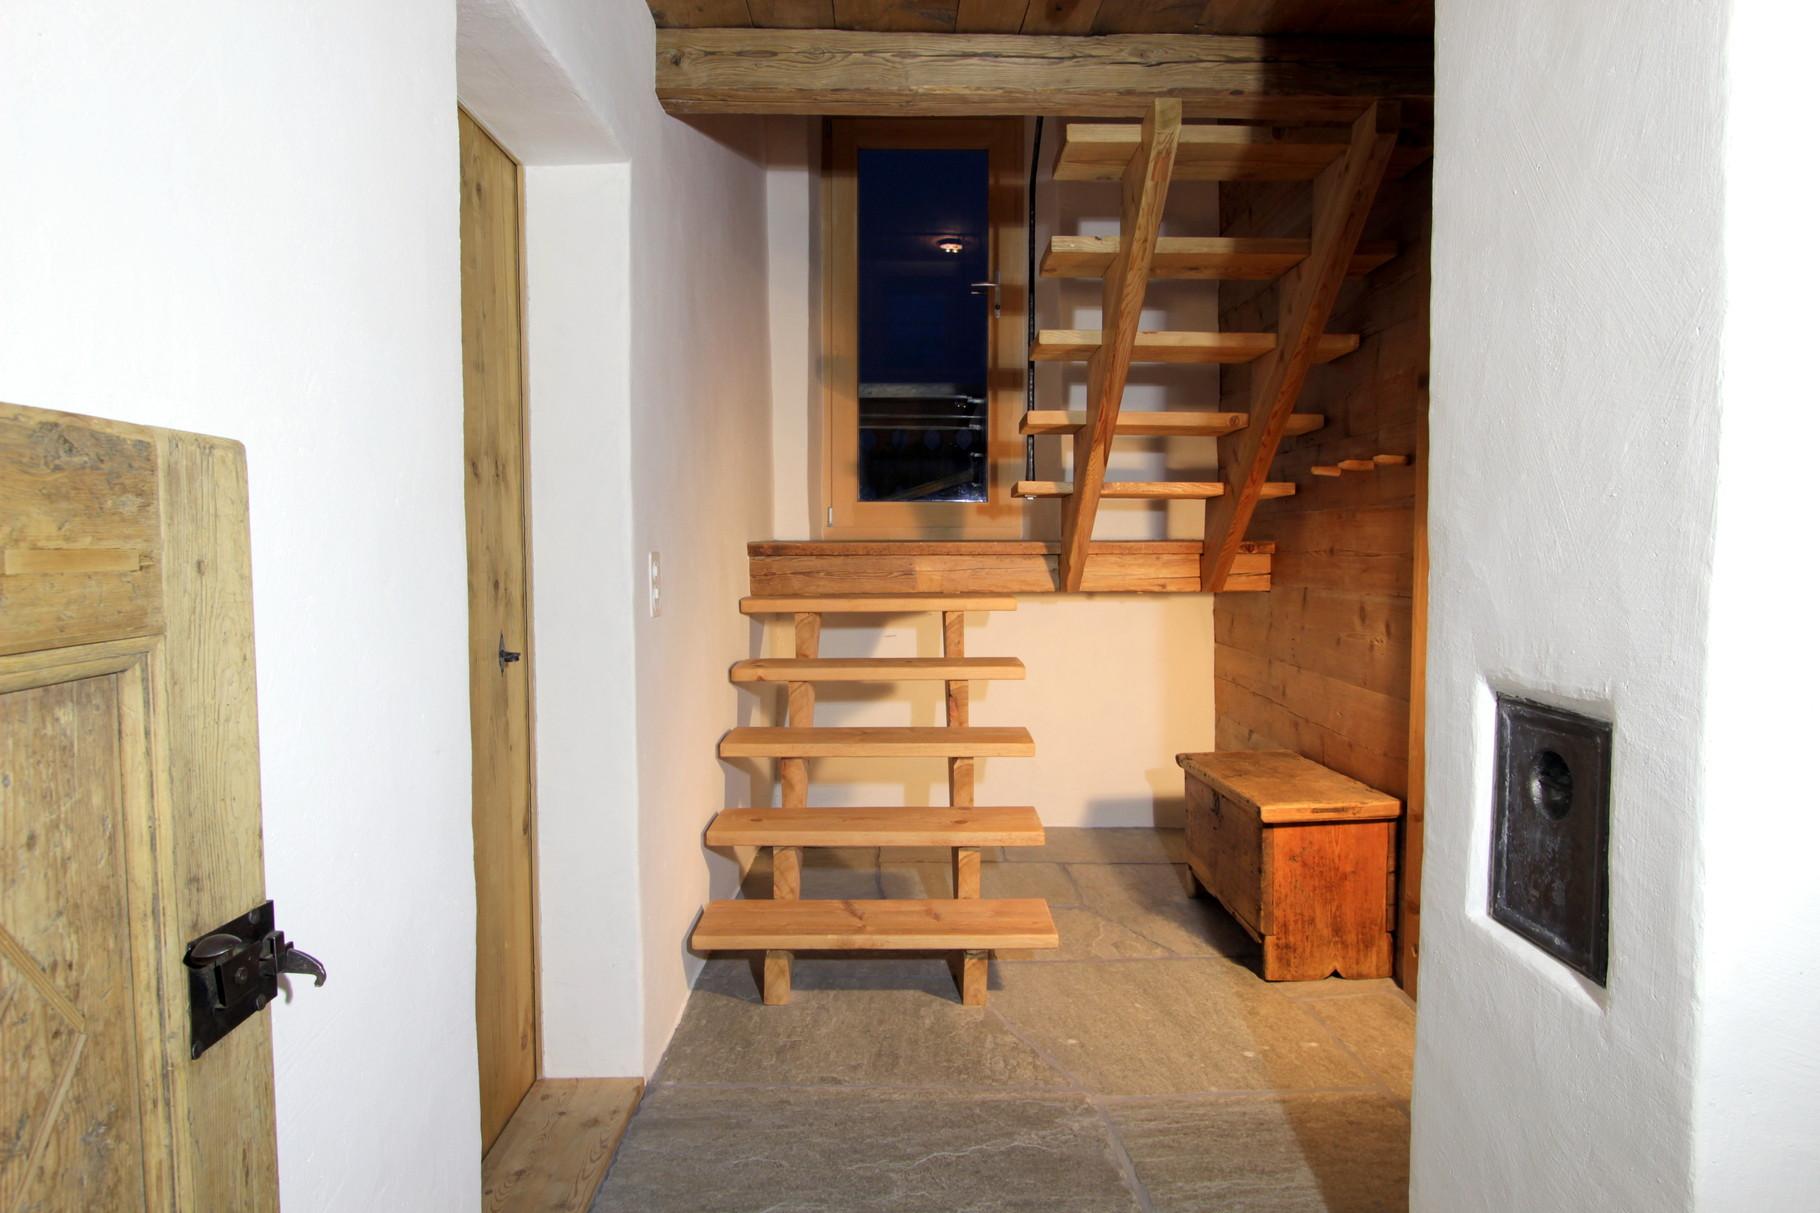 Ferienhaus Andiast, Kt Graubünden